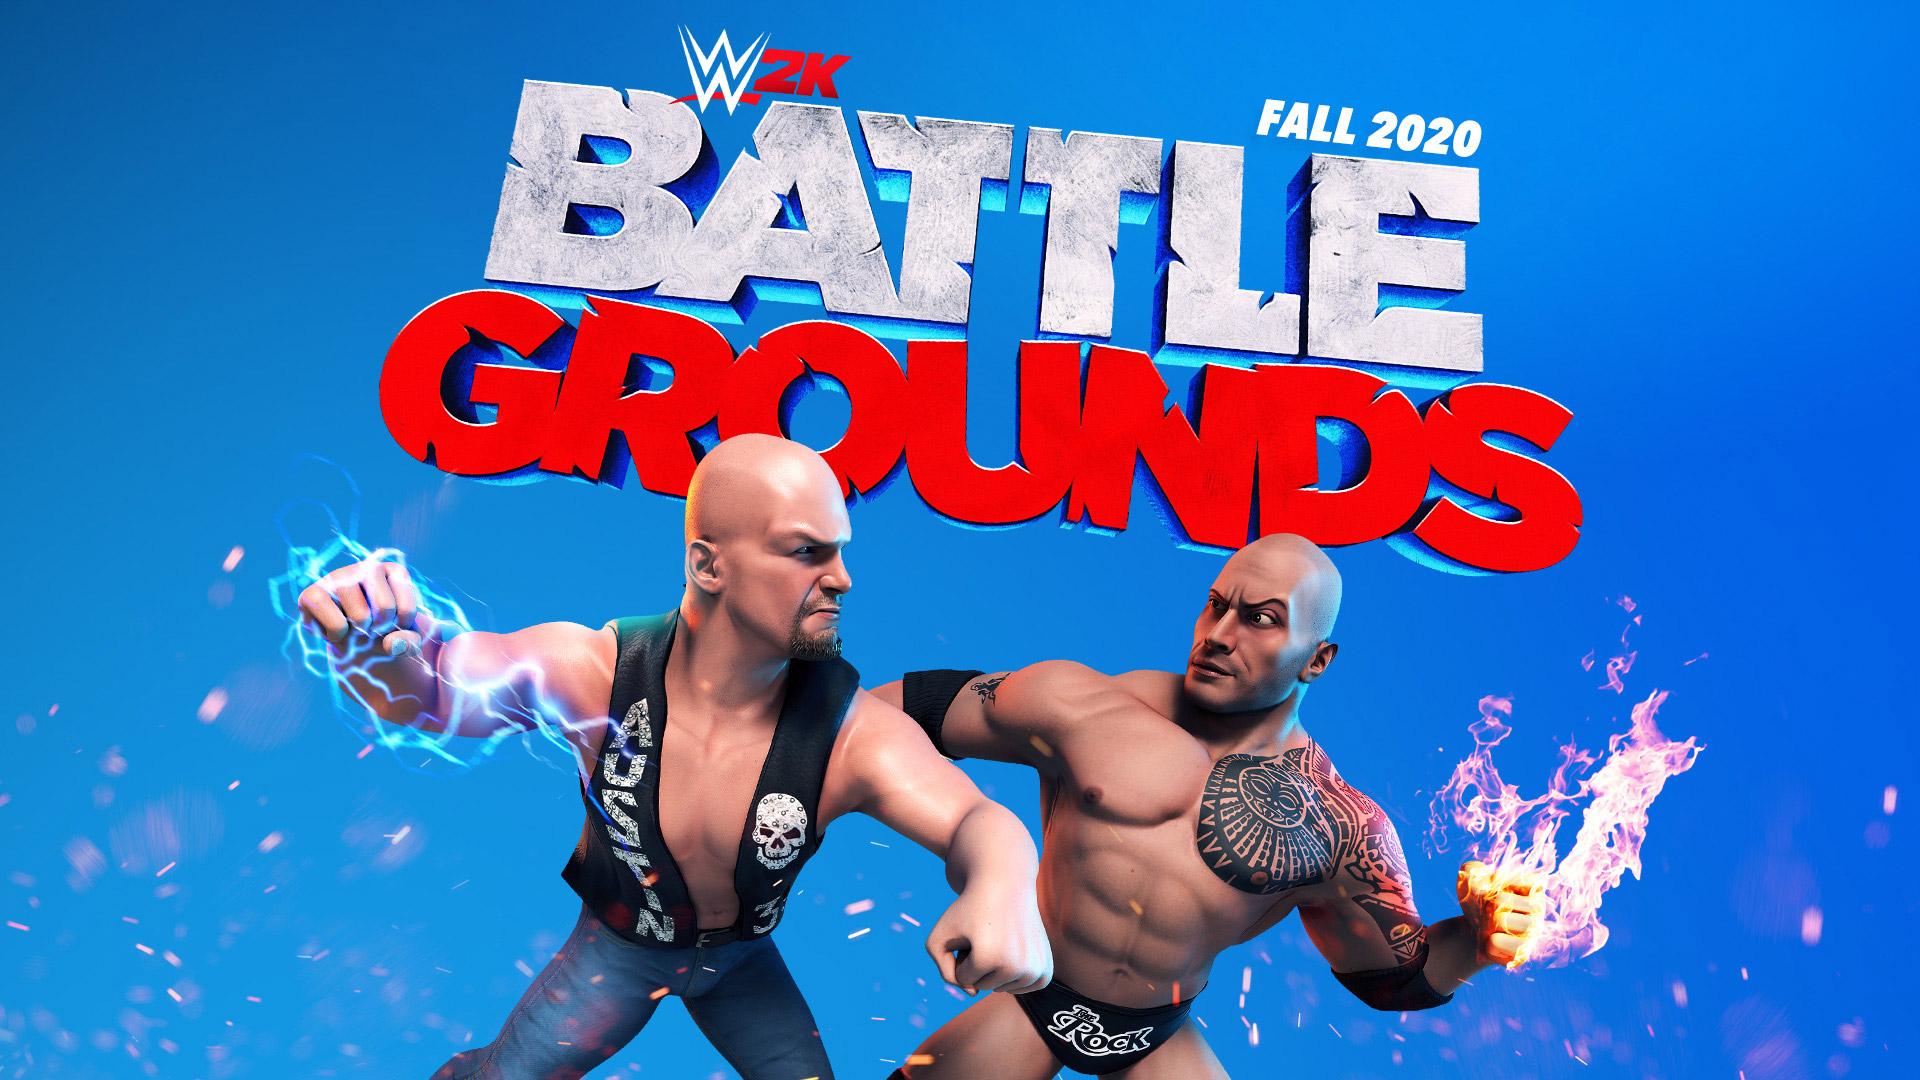 WWE 2K Battlegrounds Wallpaper in 1920x1080